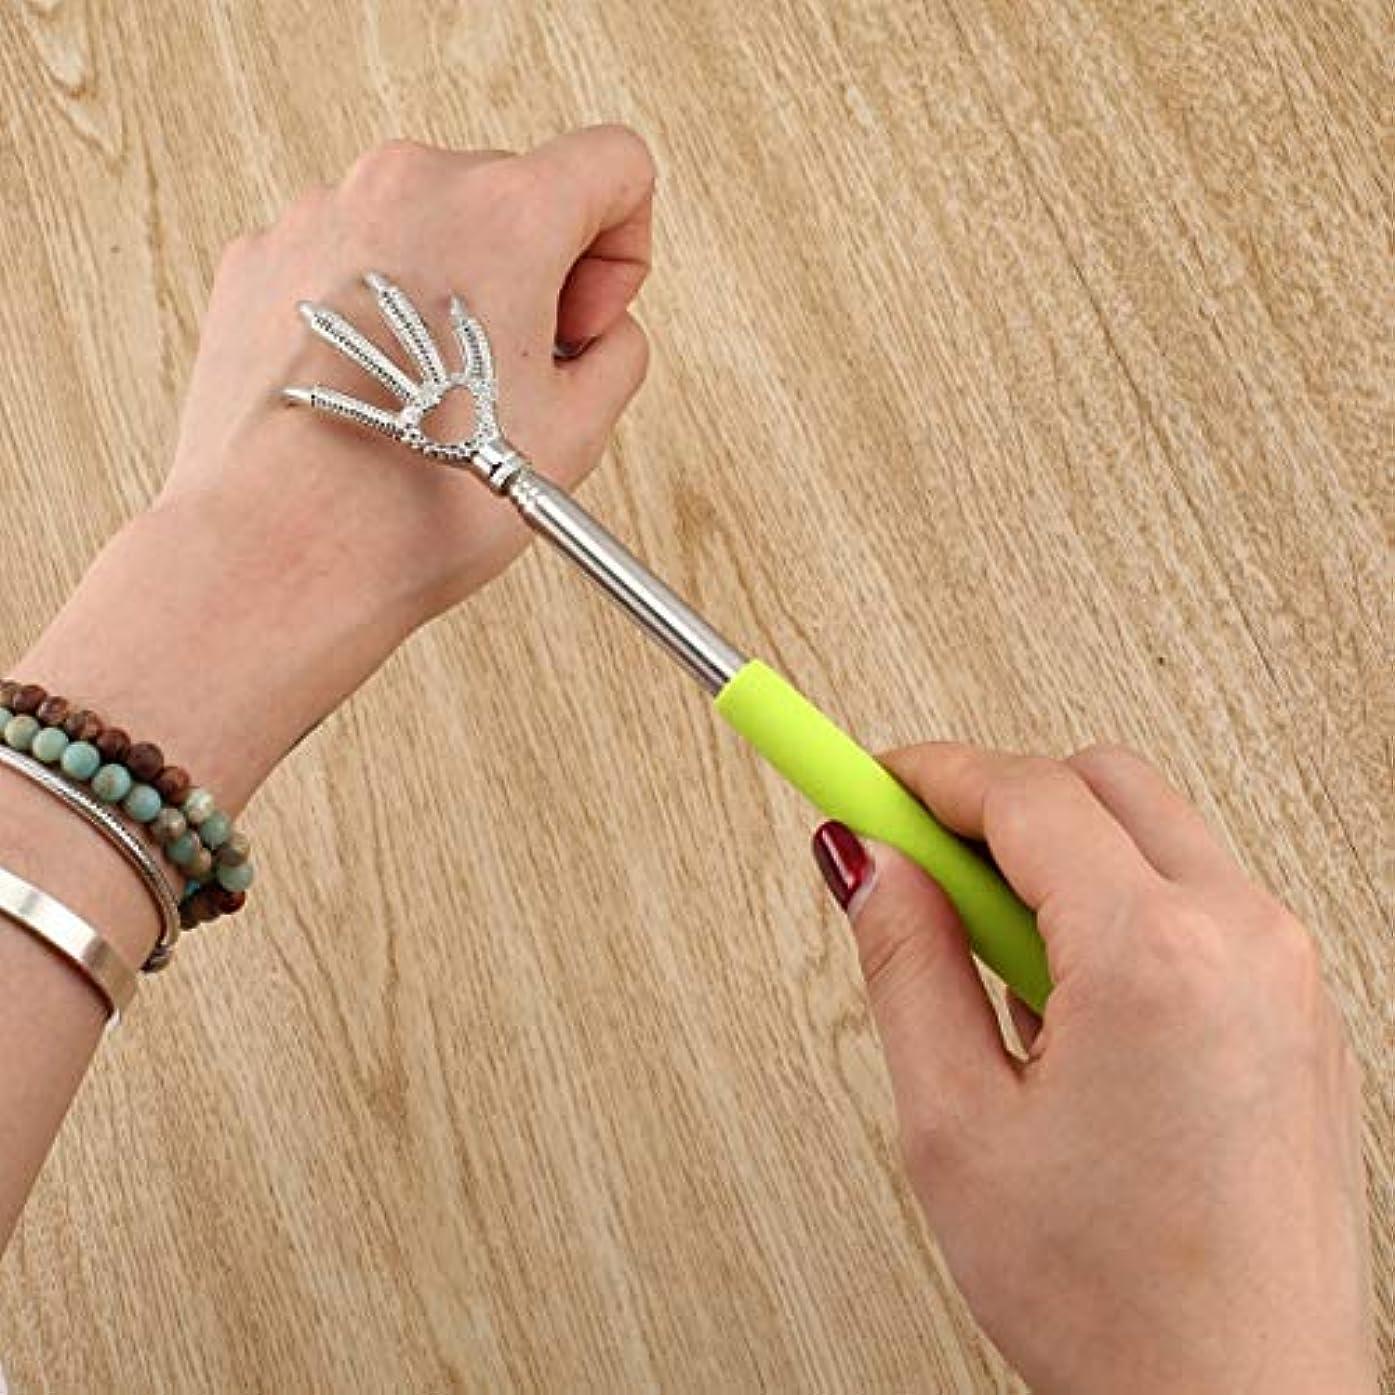 裁判所フラグラント気性Compact Telescopic Claw Stainless Steel Massager Back Scratcher 22-58cm Adjustable Back Scratching Massage Hand...